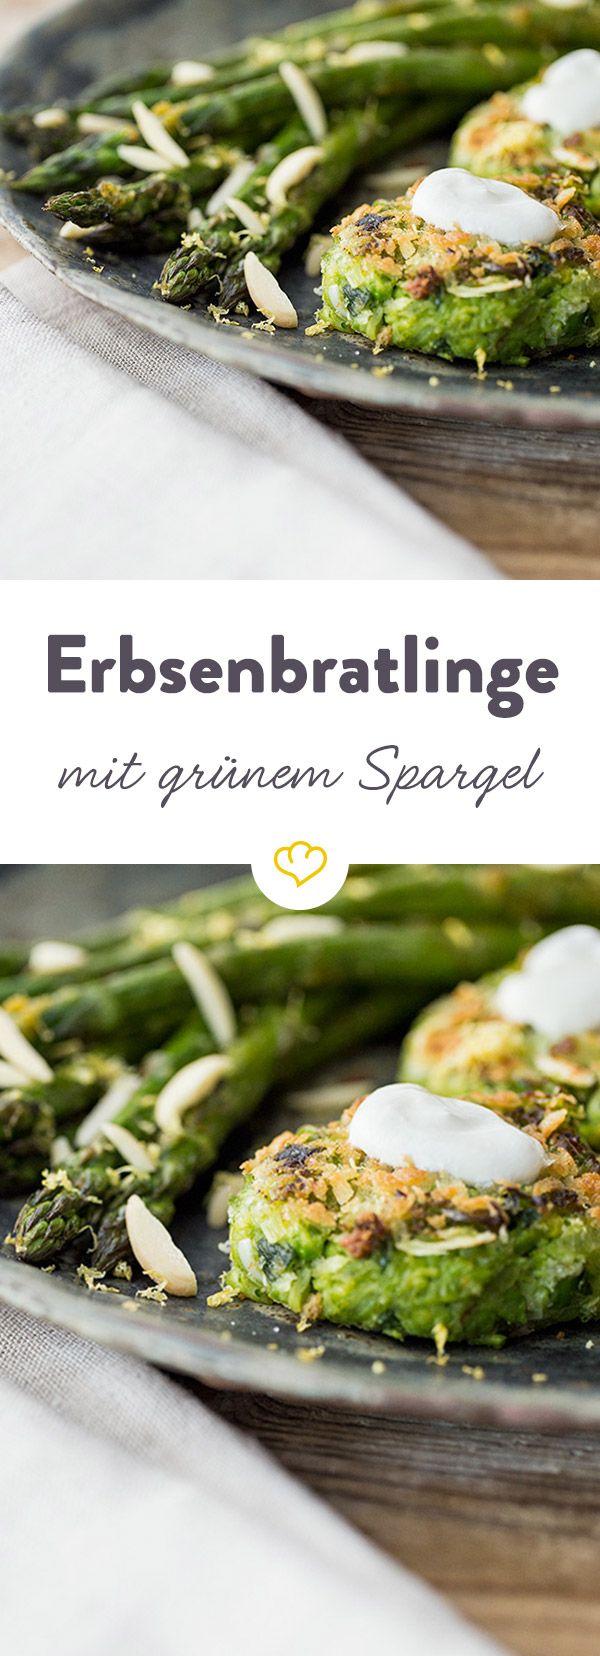 Ein leichtes Essen, das Frühlingsgefühle weckt. Die Bratlinge aus Erbsen und Lauch harmonieren wunderbar mit dem knackigen Zitronen-Spargel.